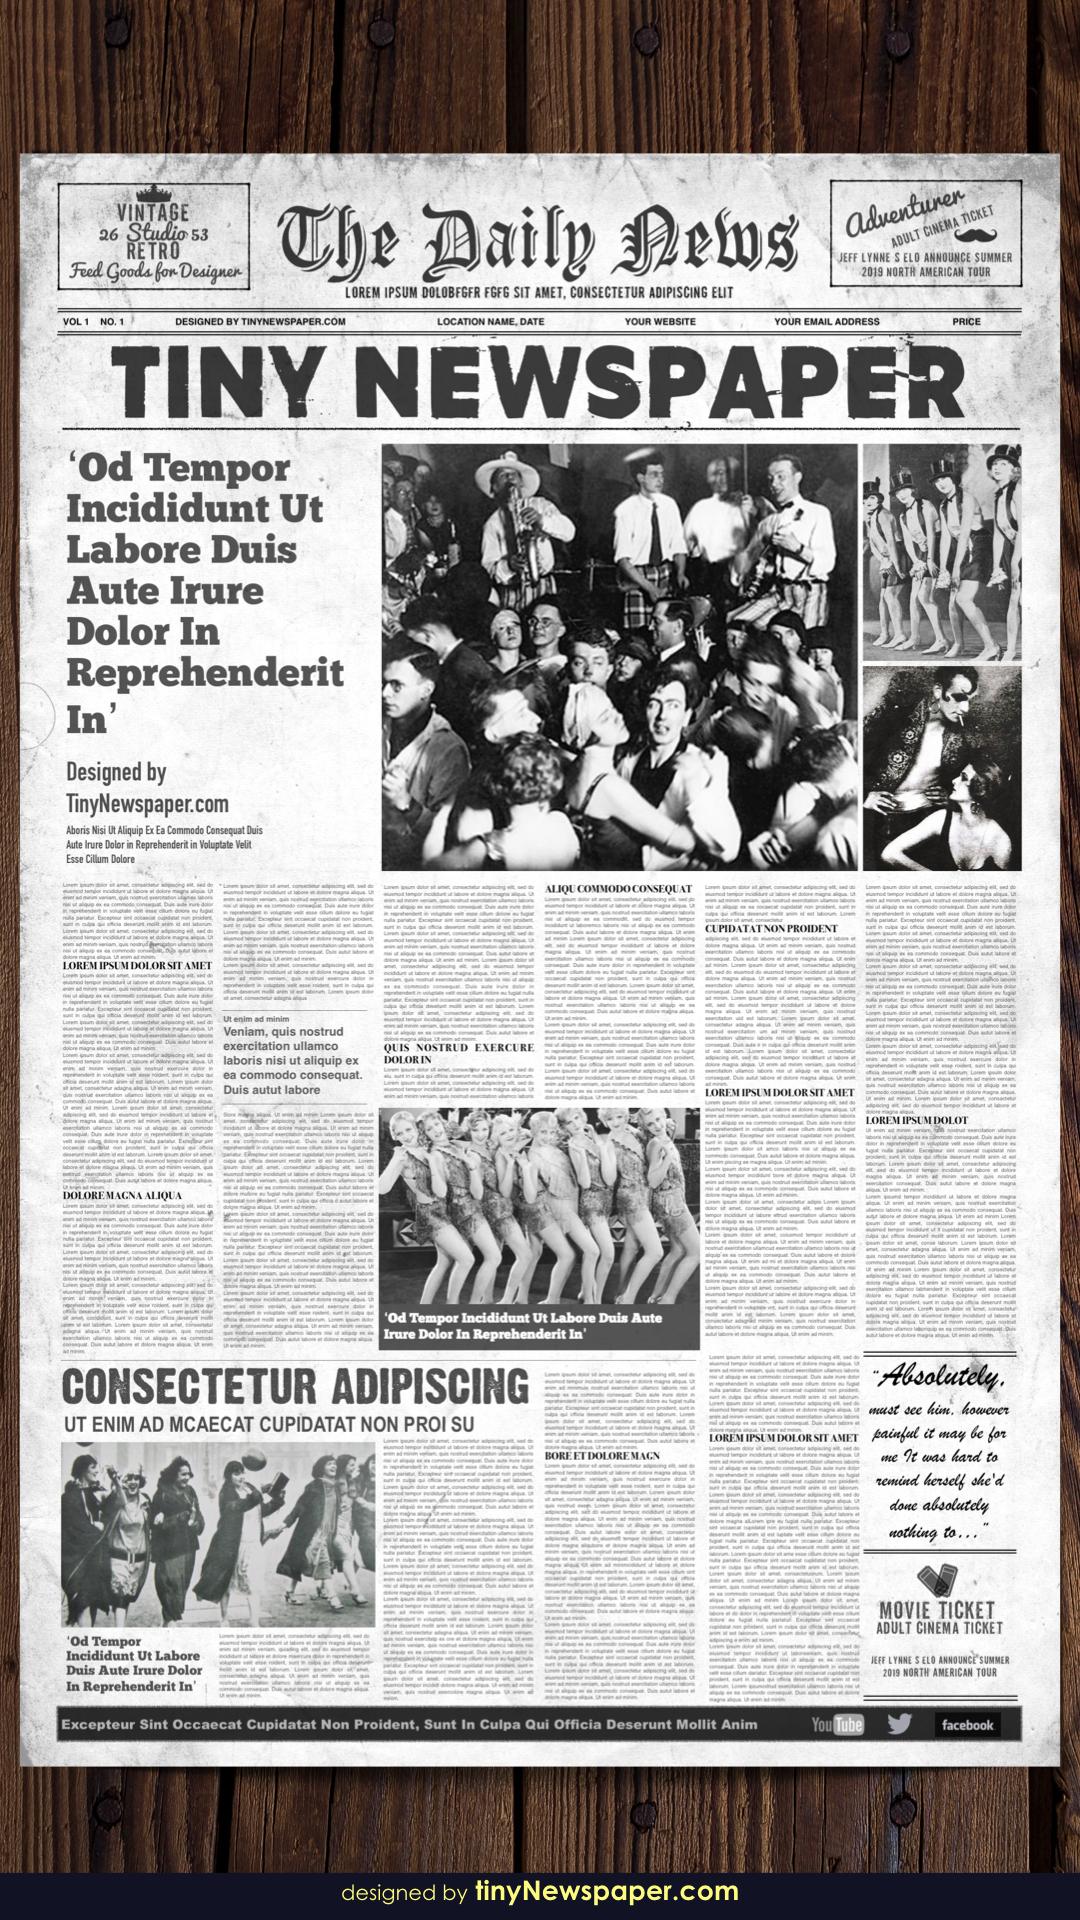 1920's Vintage Newspaper Template Word Regarding Old Newspaper Template Word Free